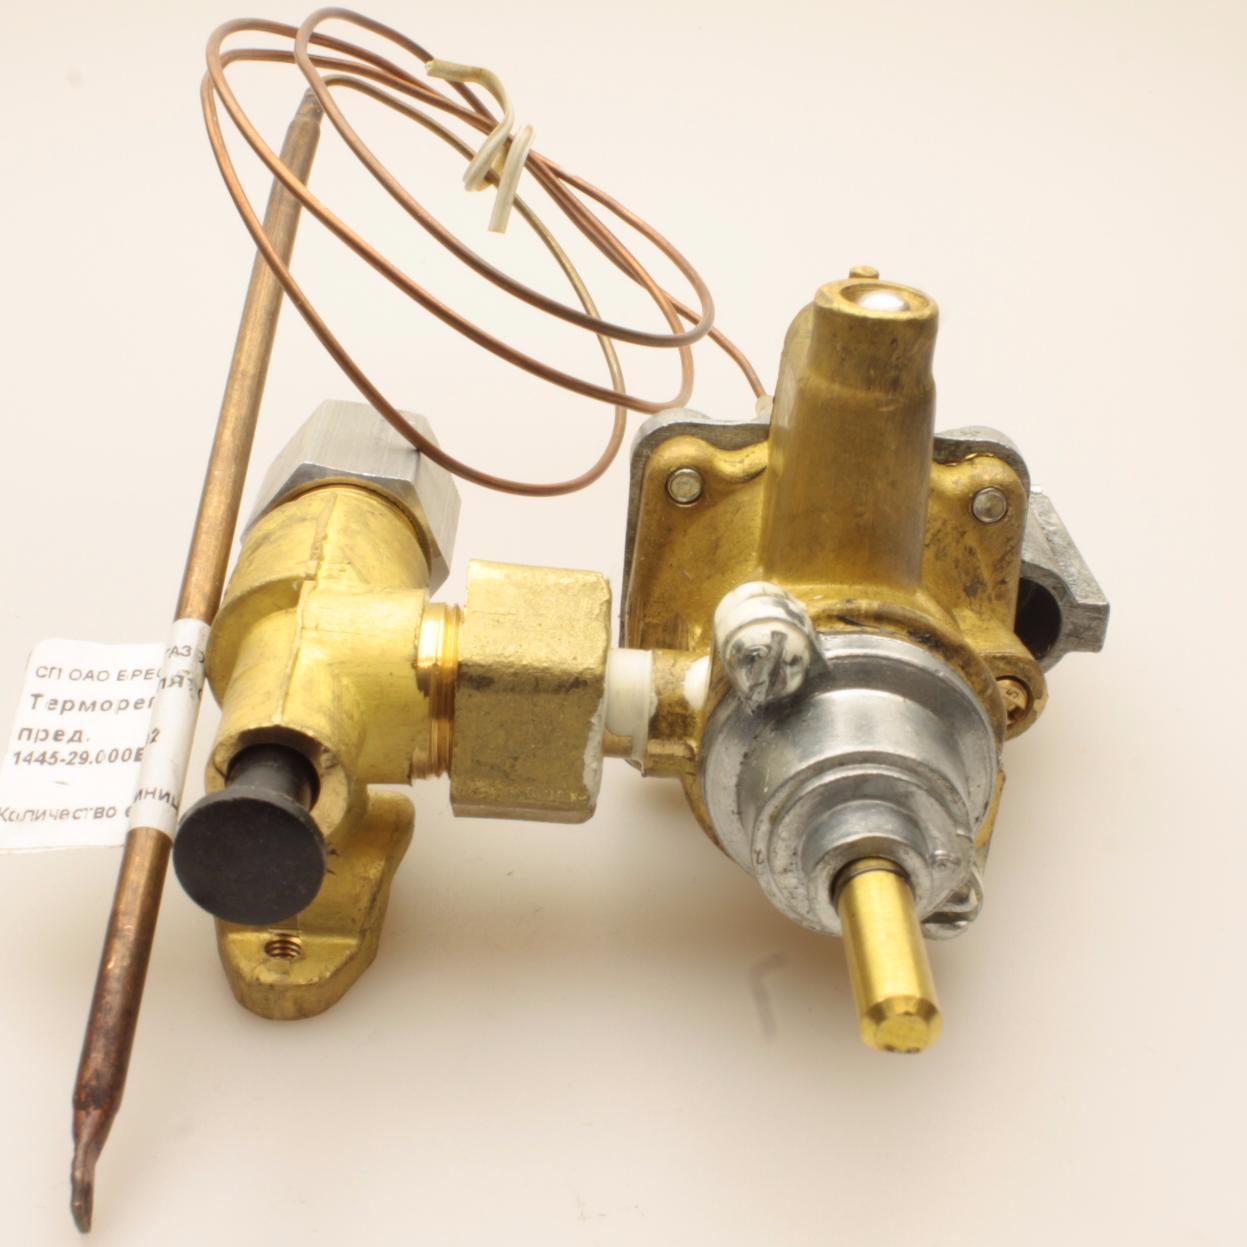 ремонт вентиля газовой плиты